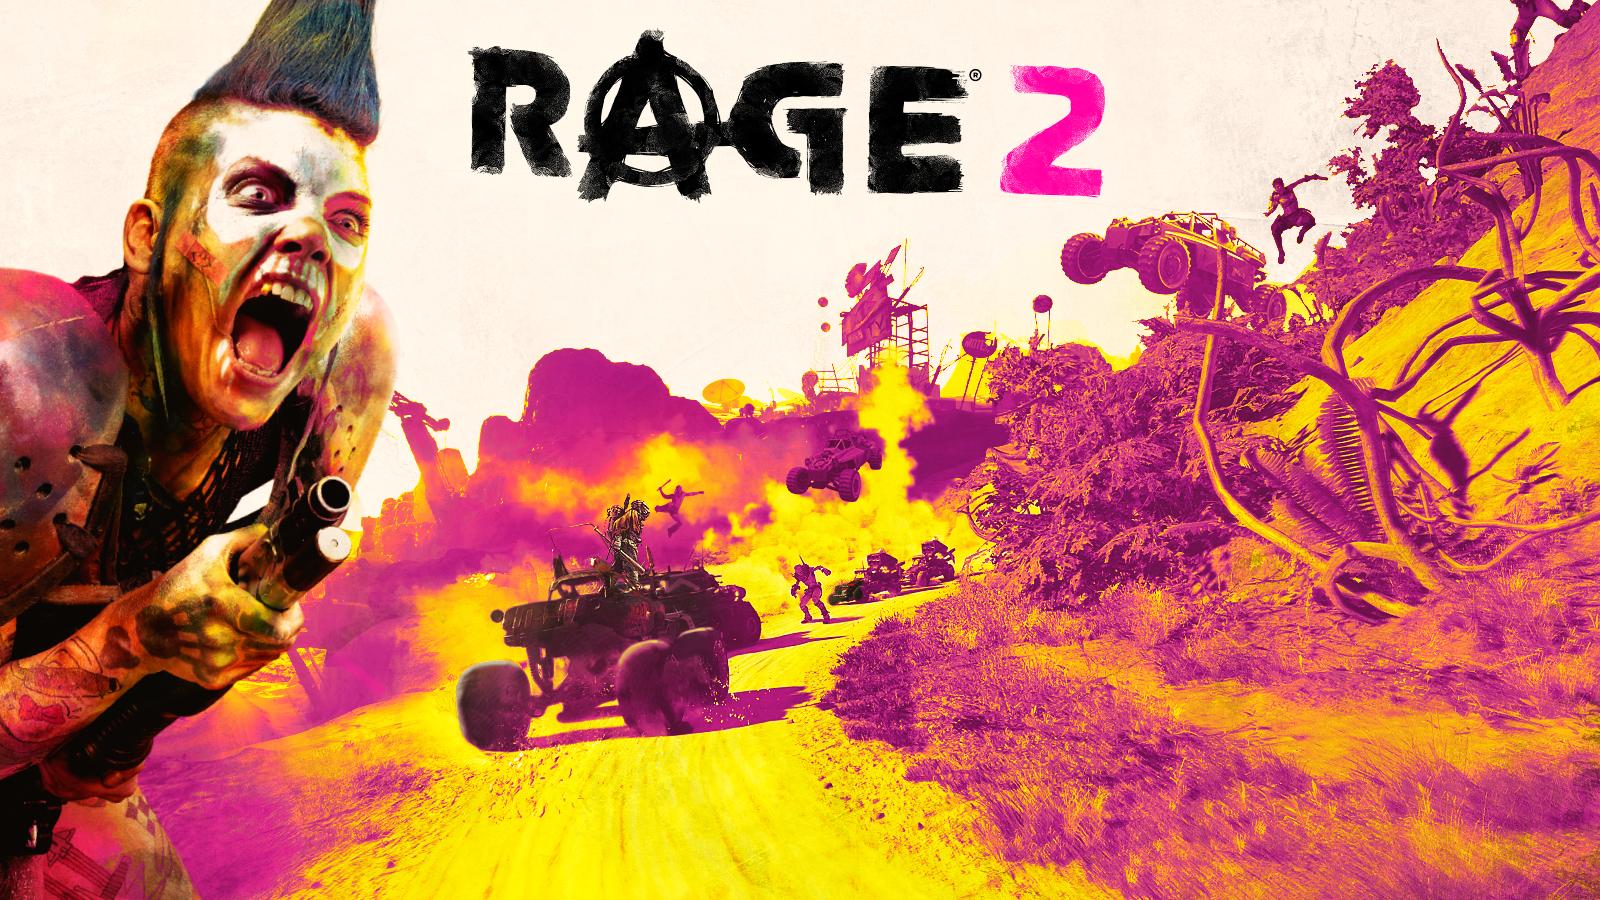 RAGE 2 Hadirkan Senjata Ikonik Doom Pada Gameplay Terbarunya!